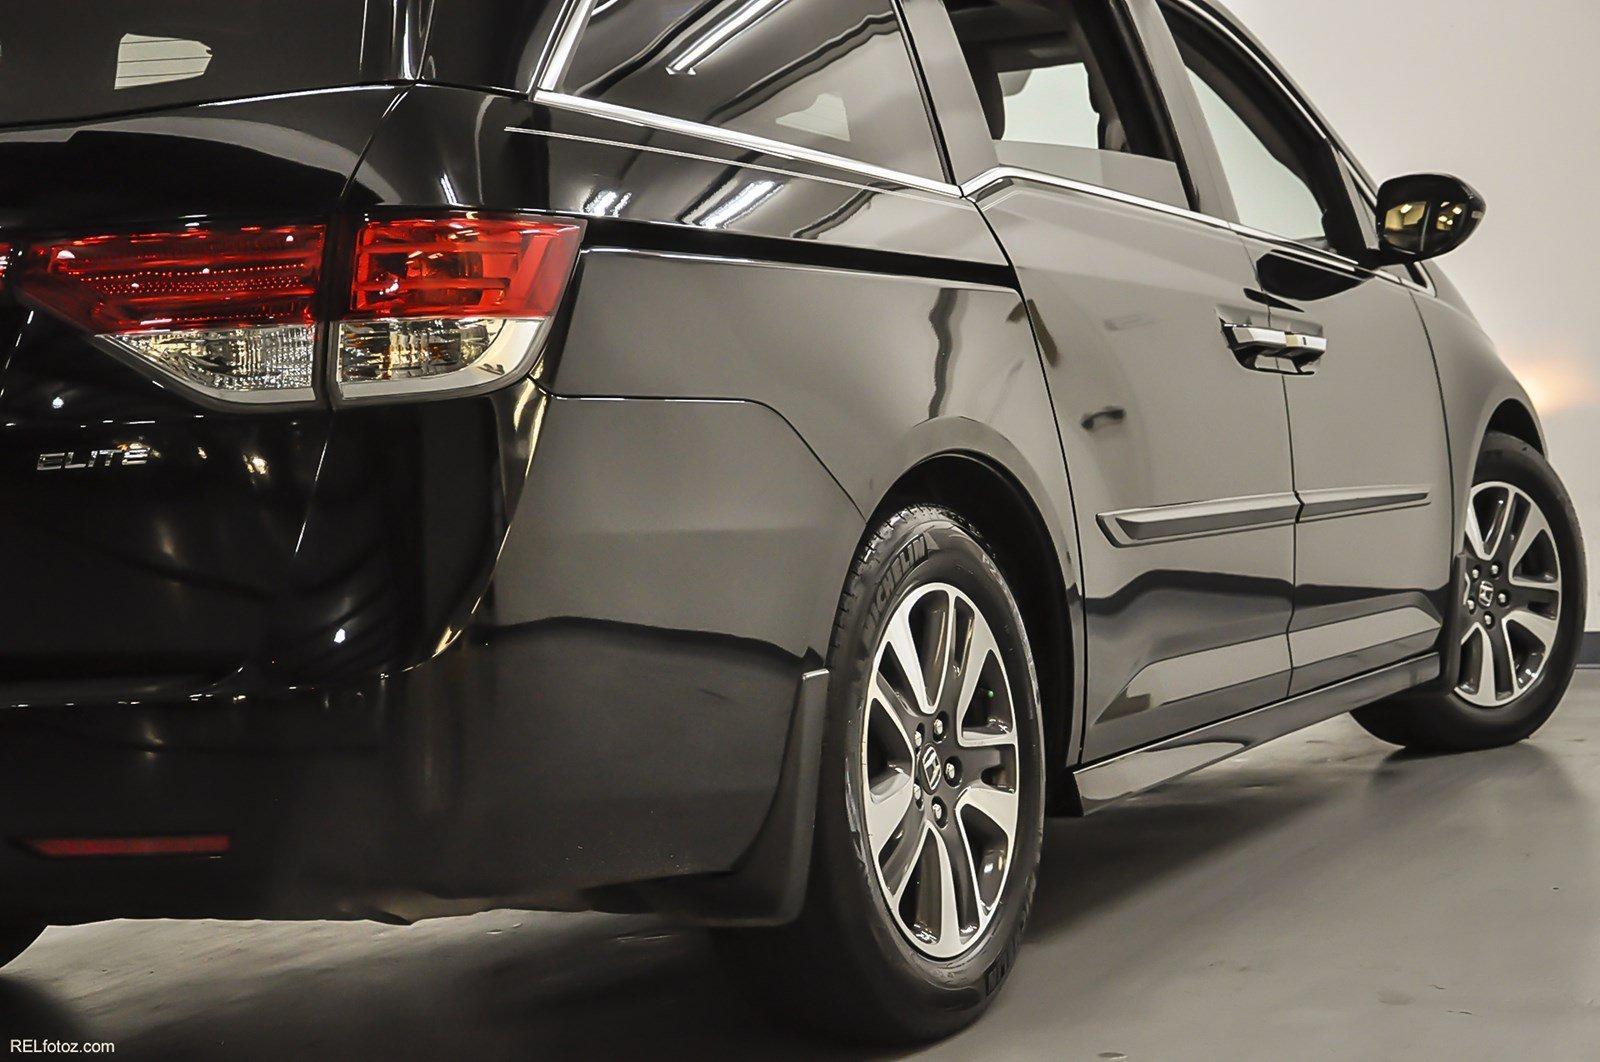 2014 honda odyssey touring elite stock 055520 for sale for Honda dealership marietta